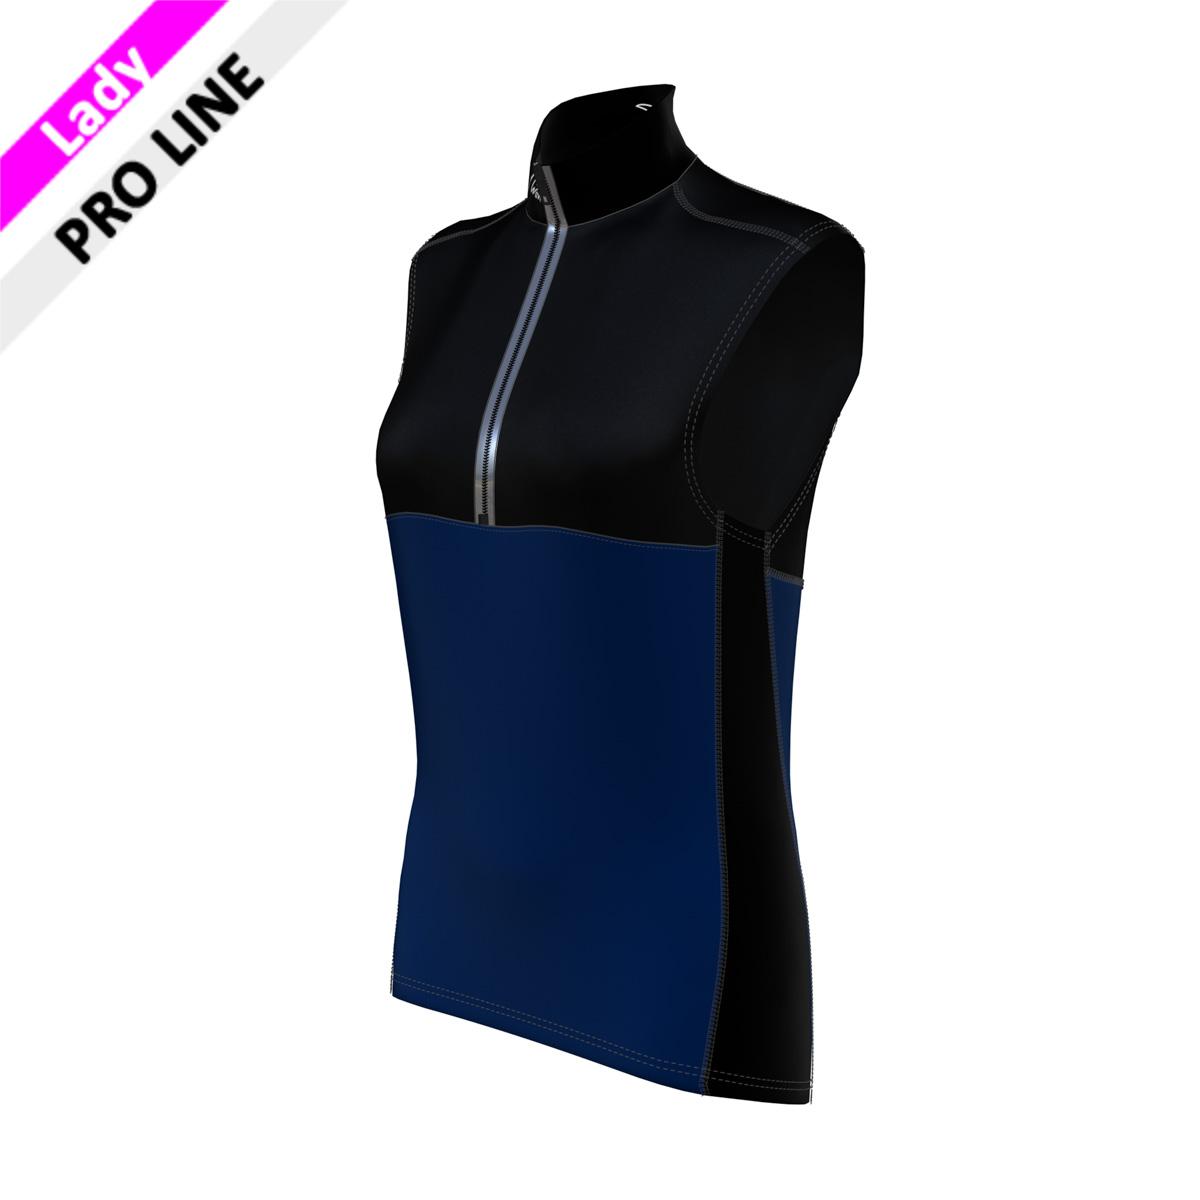 Pro Vest Lady - Black/Navy (Kragen, Brust, Rücken oben, Seitenstreifen-schwarz/Bauch & Rücken unten-marine)